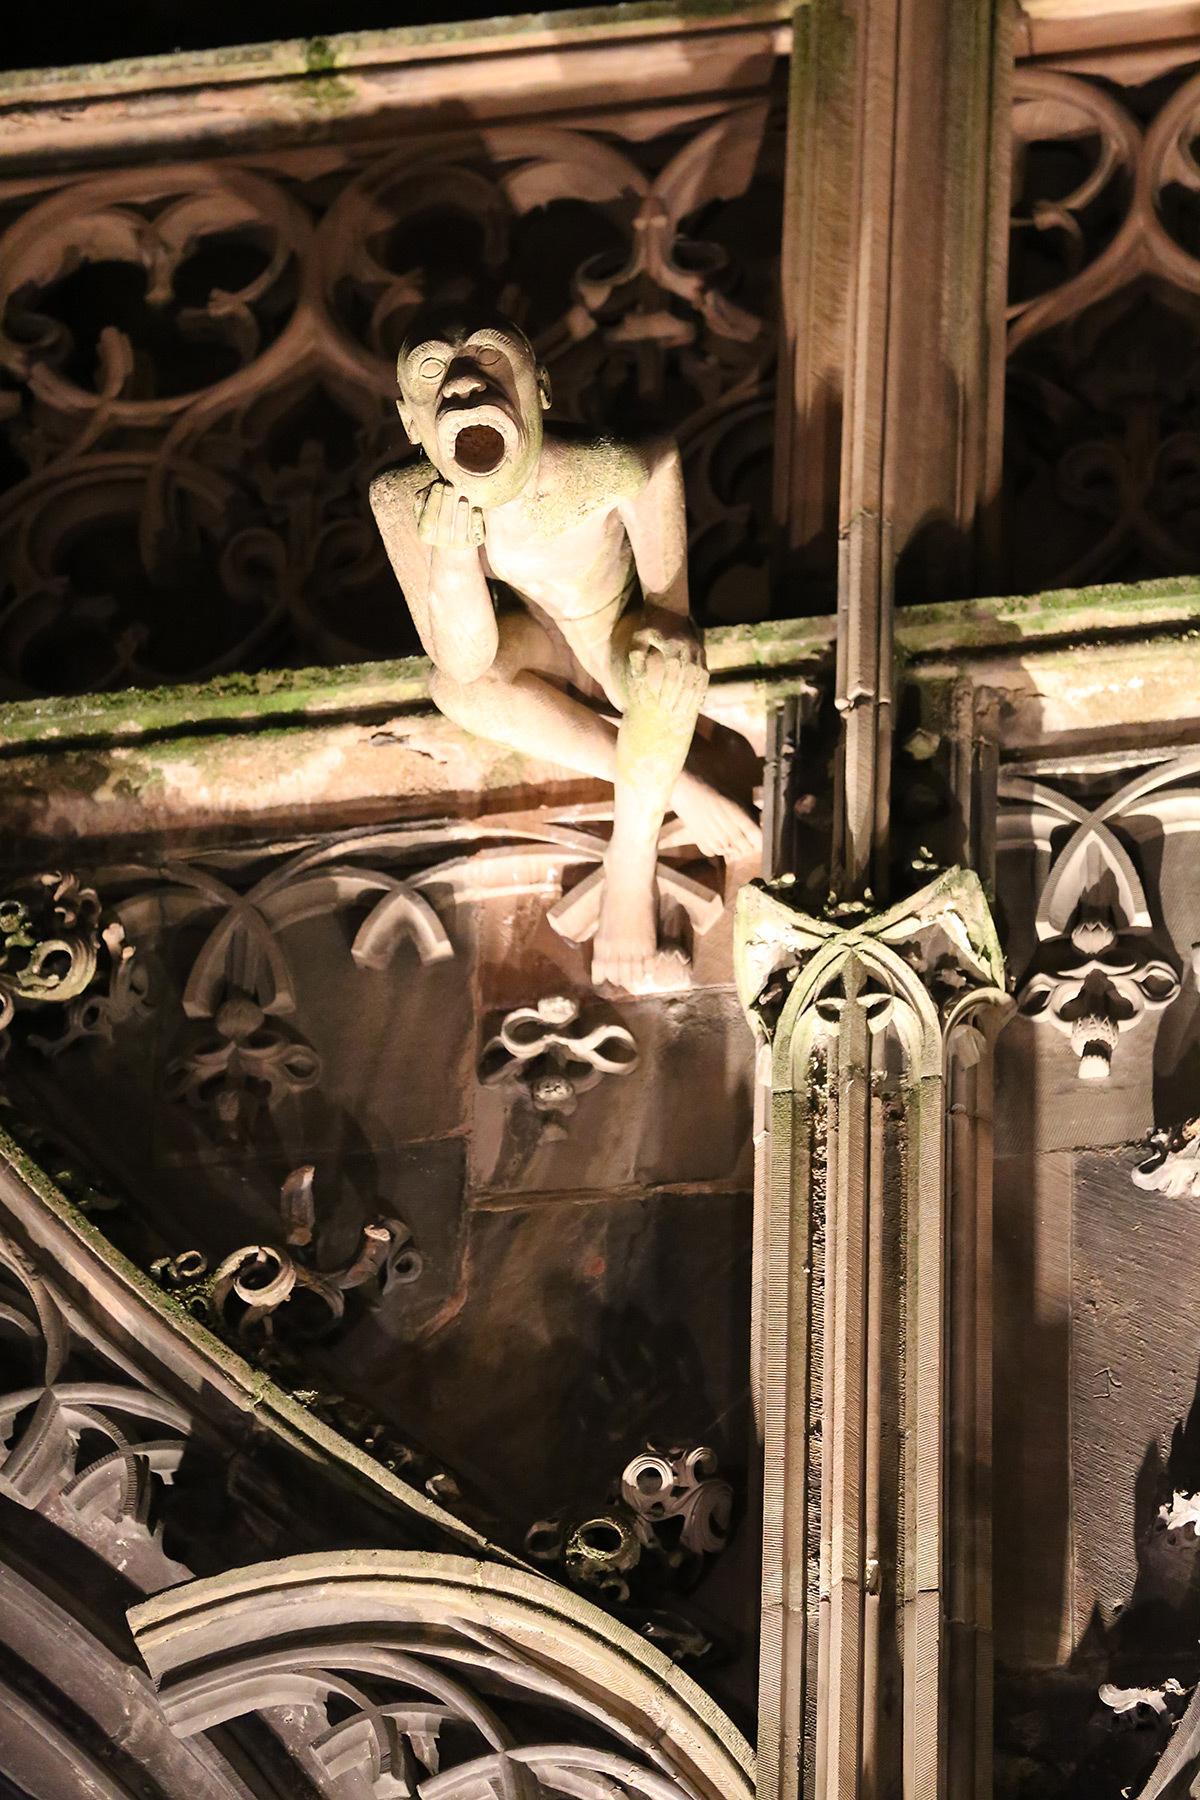 Détail du portail Saint-Laurent, Cathédrale de Strasbourg, France - test et essai d'éclairage avec L'Acte Lumière et Citeos - 10 février 2016 - Photo : Vincent Laganier